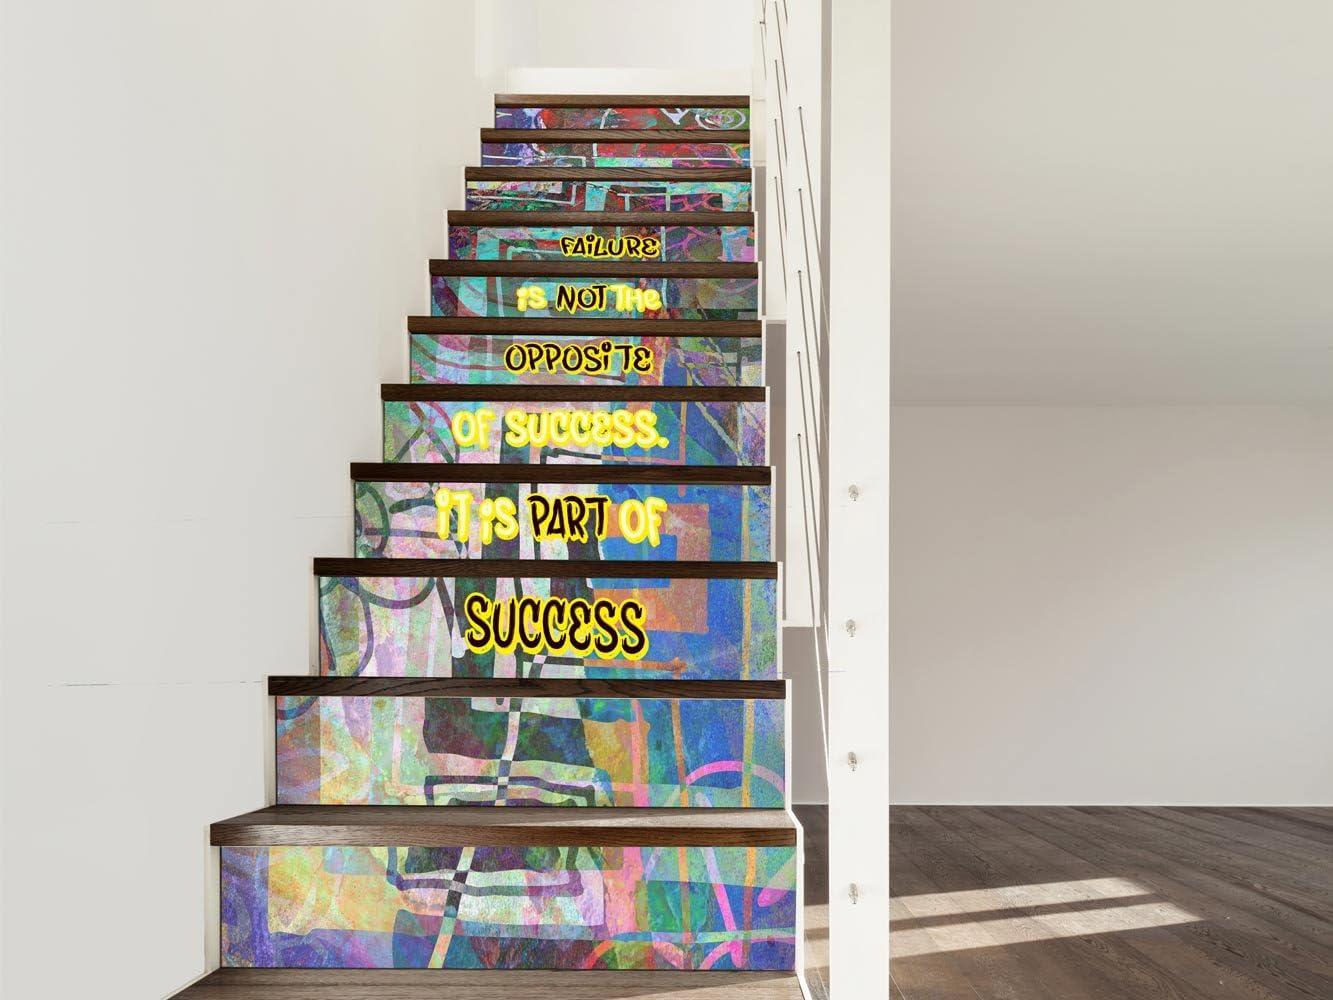 Vinilo para Escaleras Colores | 16 Pegatinas Adhesivas Para Paredes Escaleras | Vinilo Decorativo | Varias Medidas 90 x 18 cm | Escaleras | Decoración Escaleras Huellas Contrahuellas: Amazon.es: Hogar